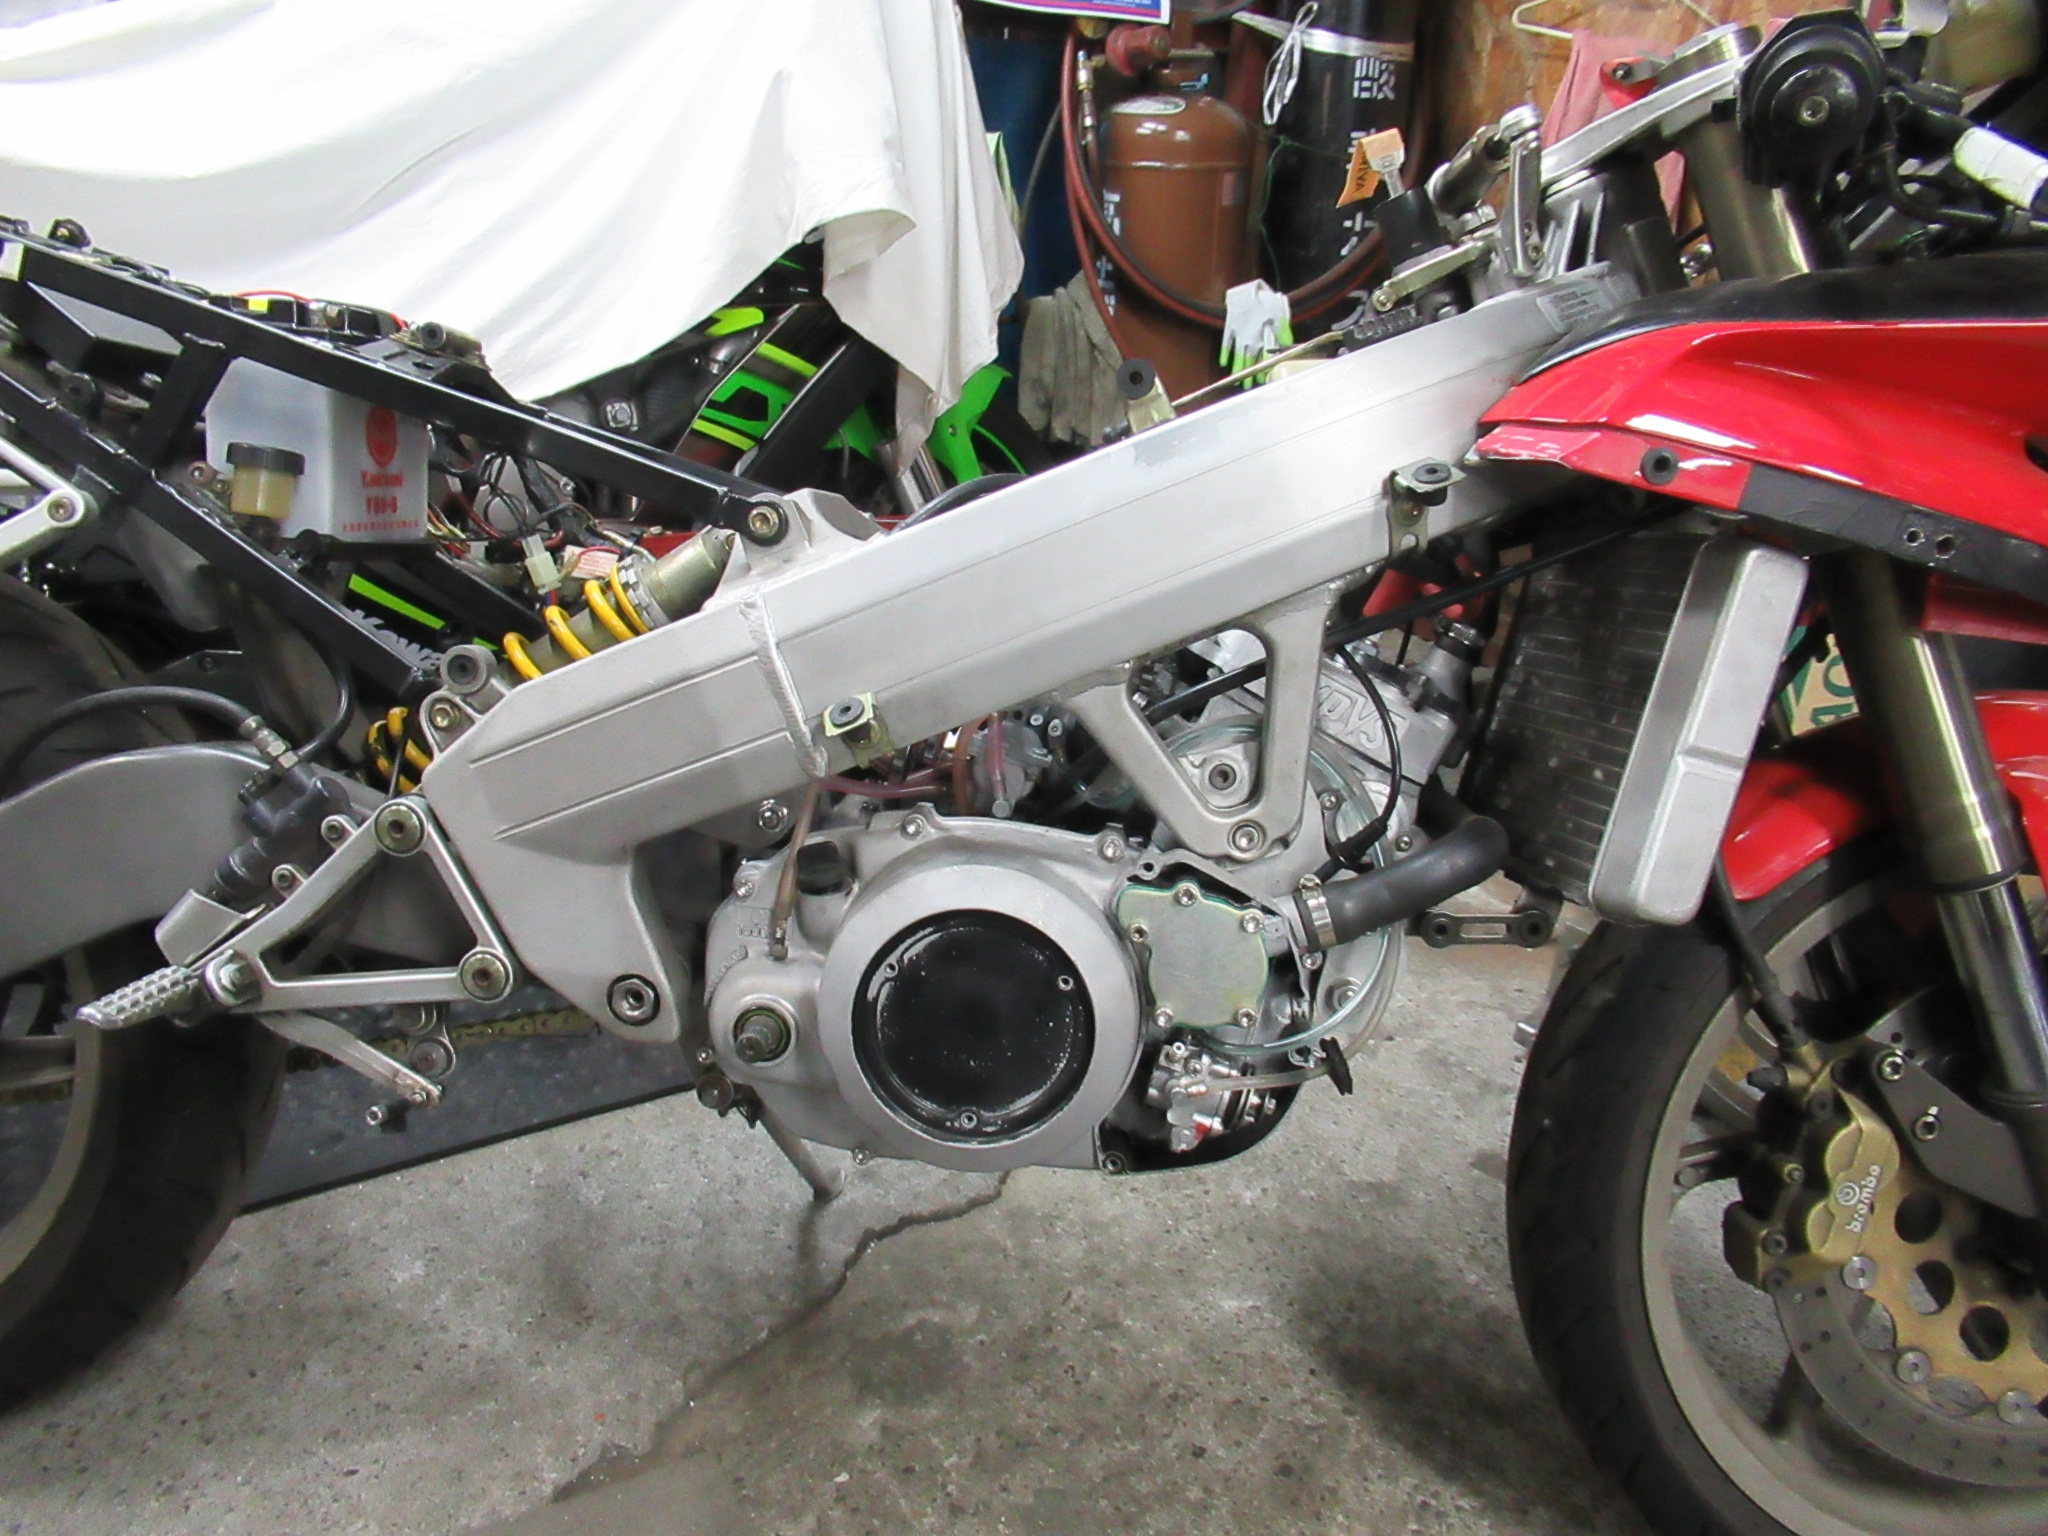 http://www.precious-factory.com/preciousfactory2010/IMG_0380.JPG